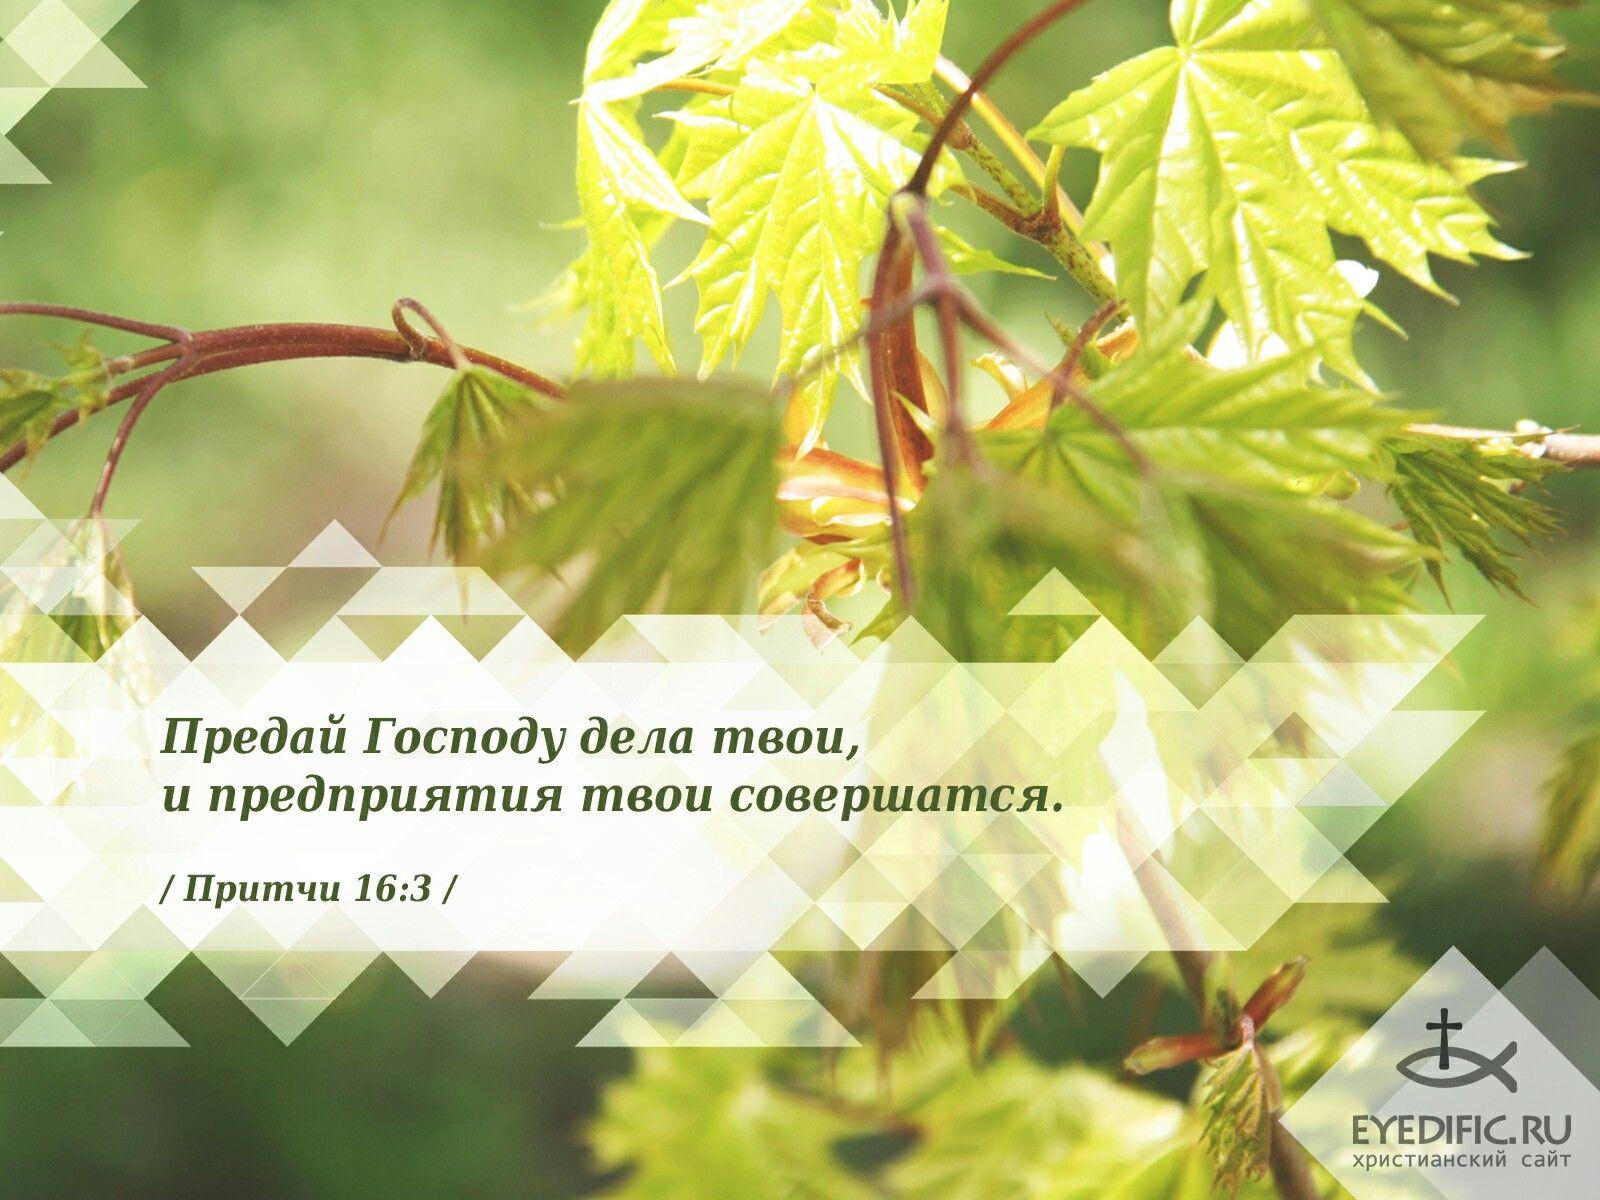 Христианские открытки со словами из библии, открытка завод картинки